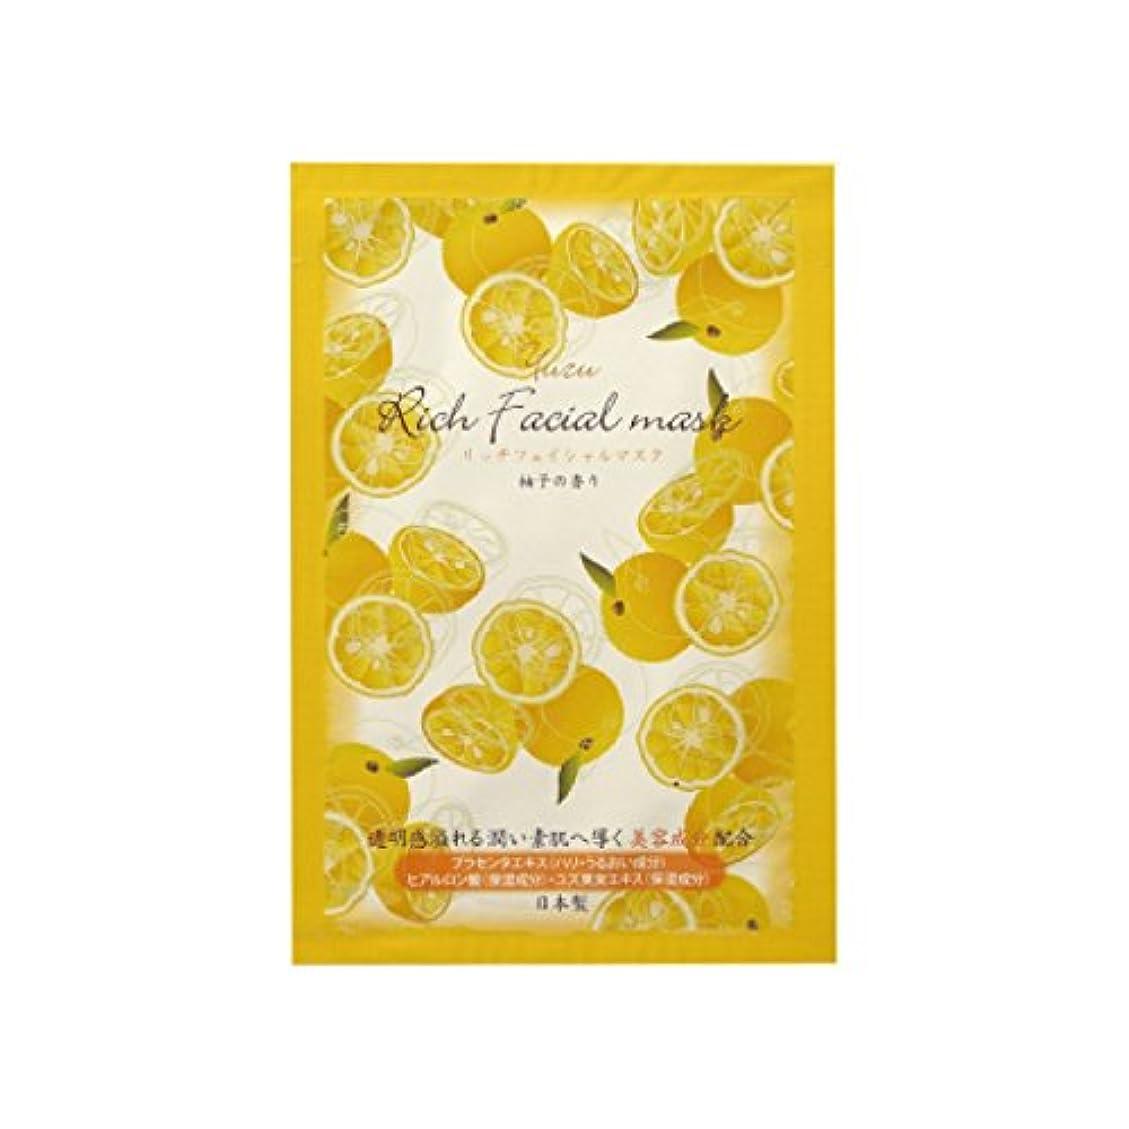 引退するオリエンテーション不利益リッチフェイシャルマスク 柚子の香り 100枚